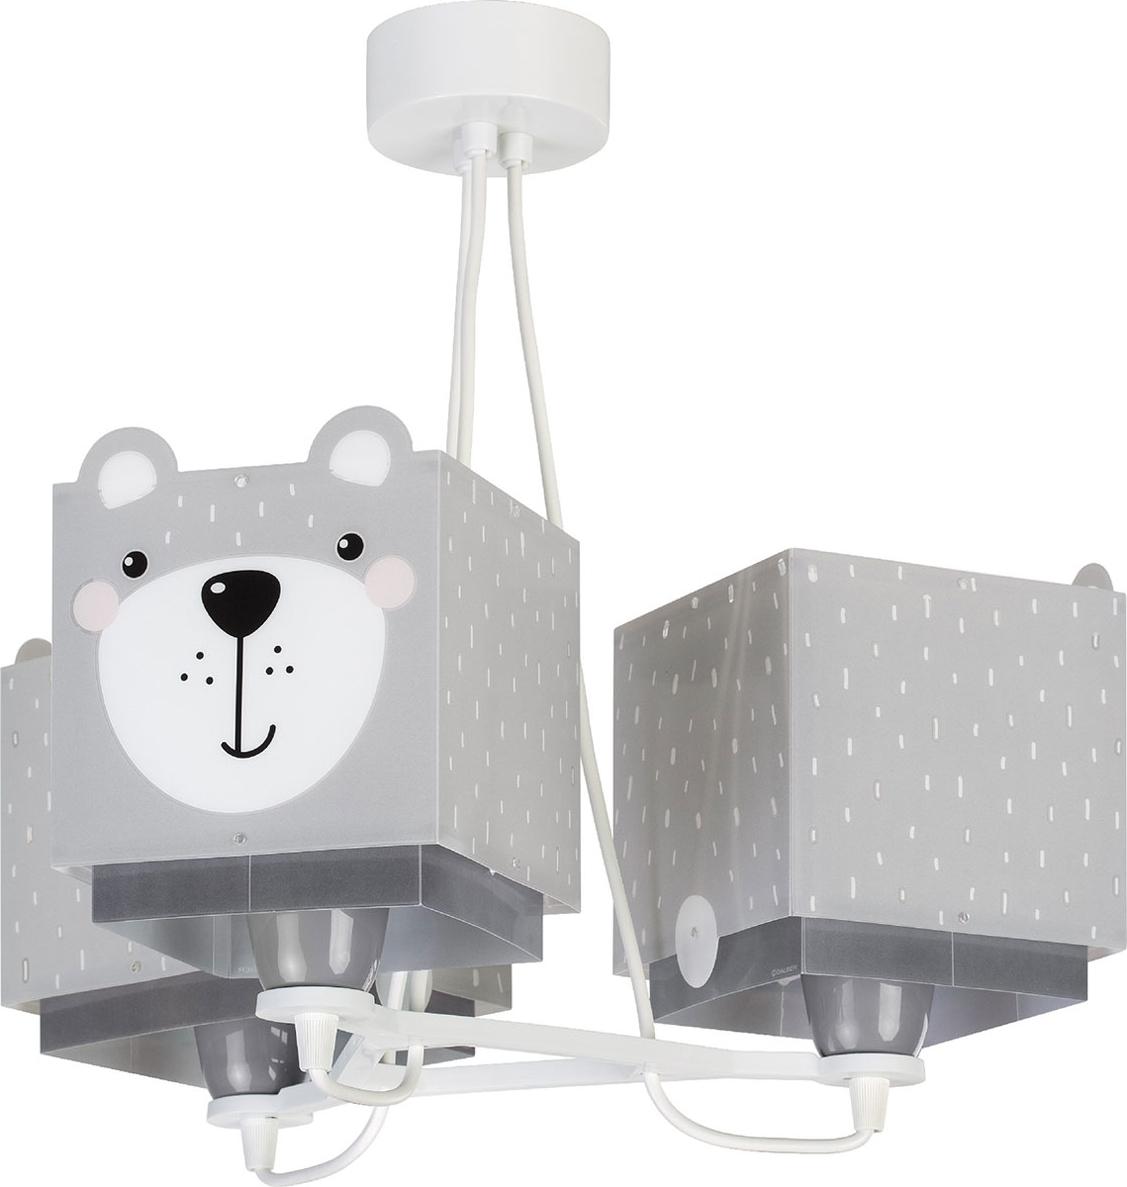 Φωτιστικό οροφής Ango Little Teddy 3φωτο